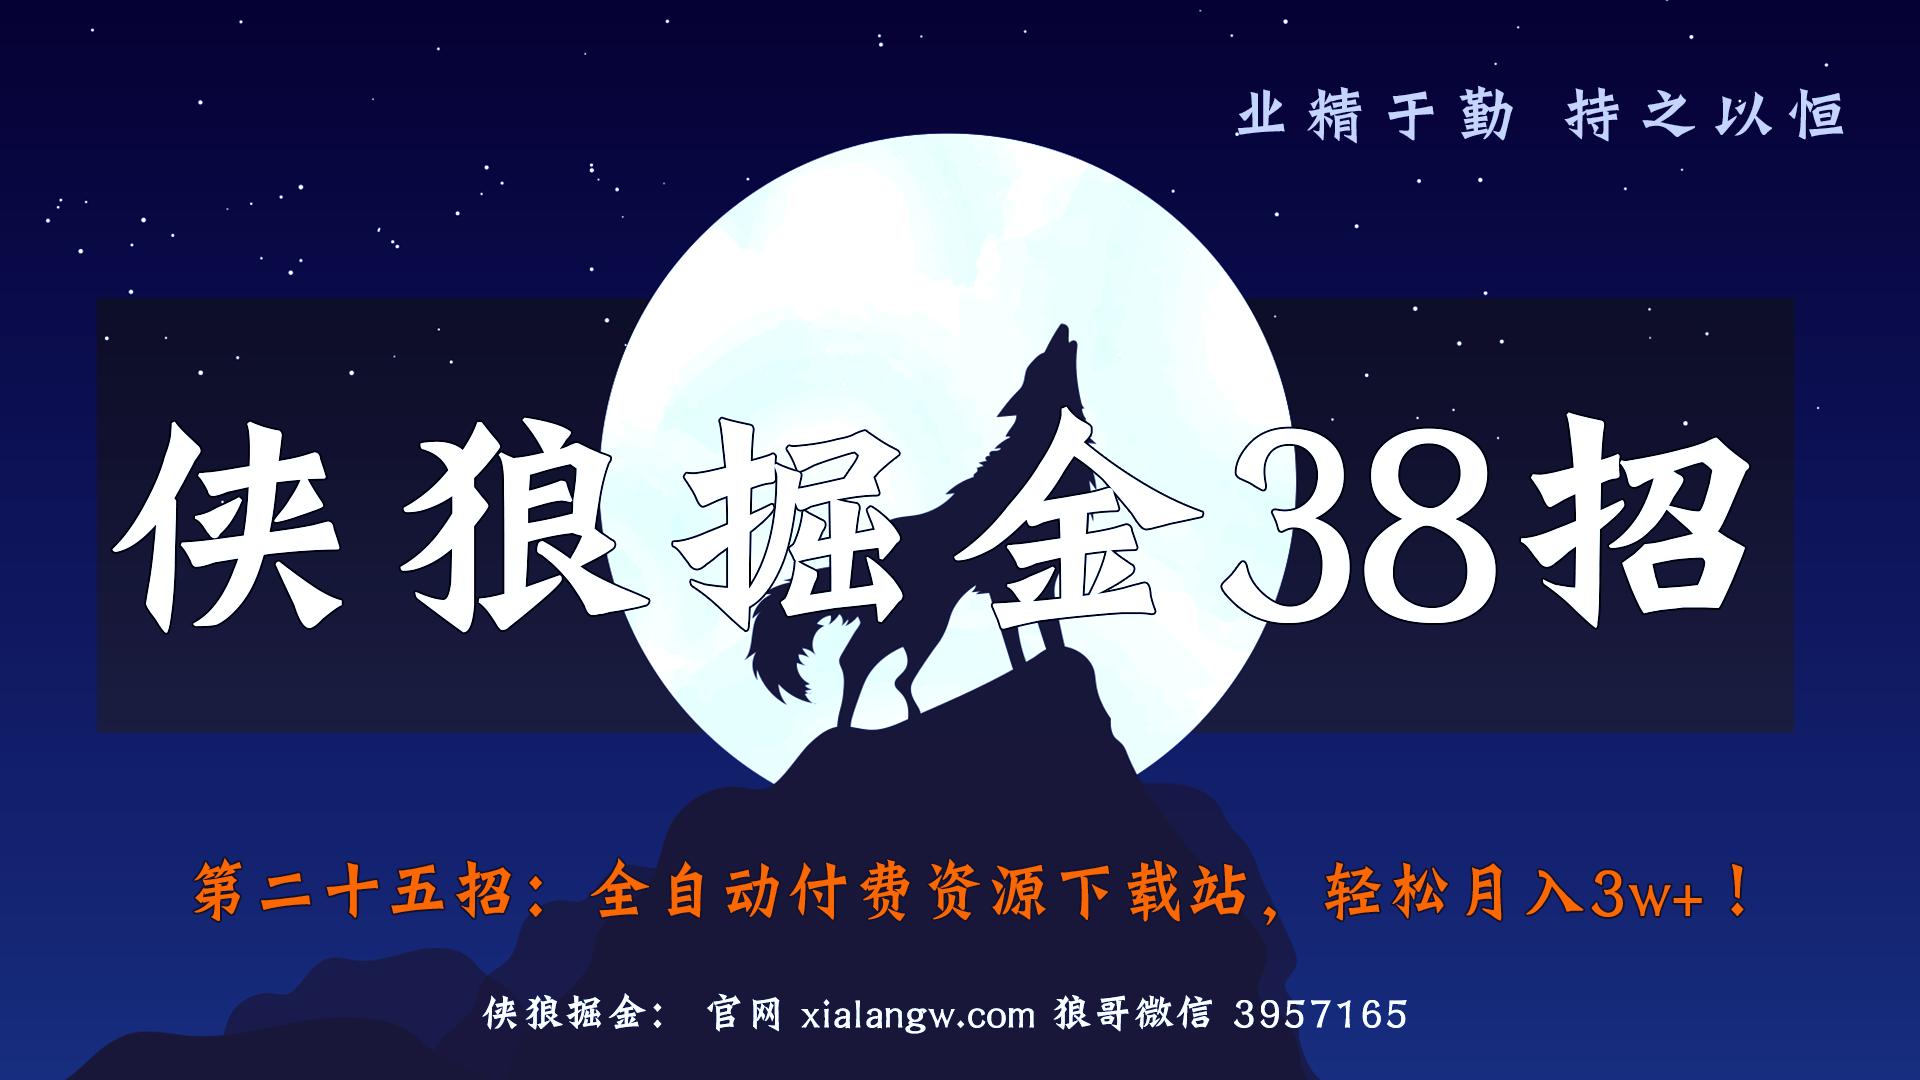 侠狼掘金38招第25招全自动付费资源下载站,轻松月入3w+!